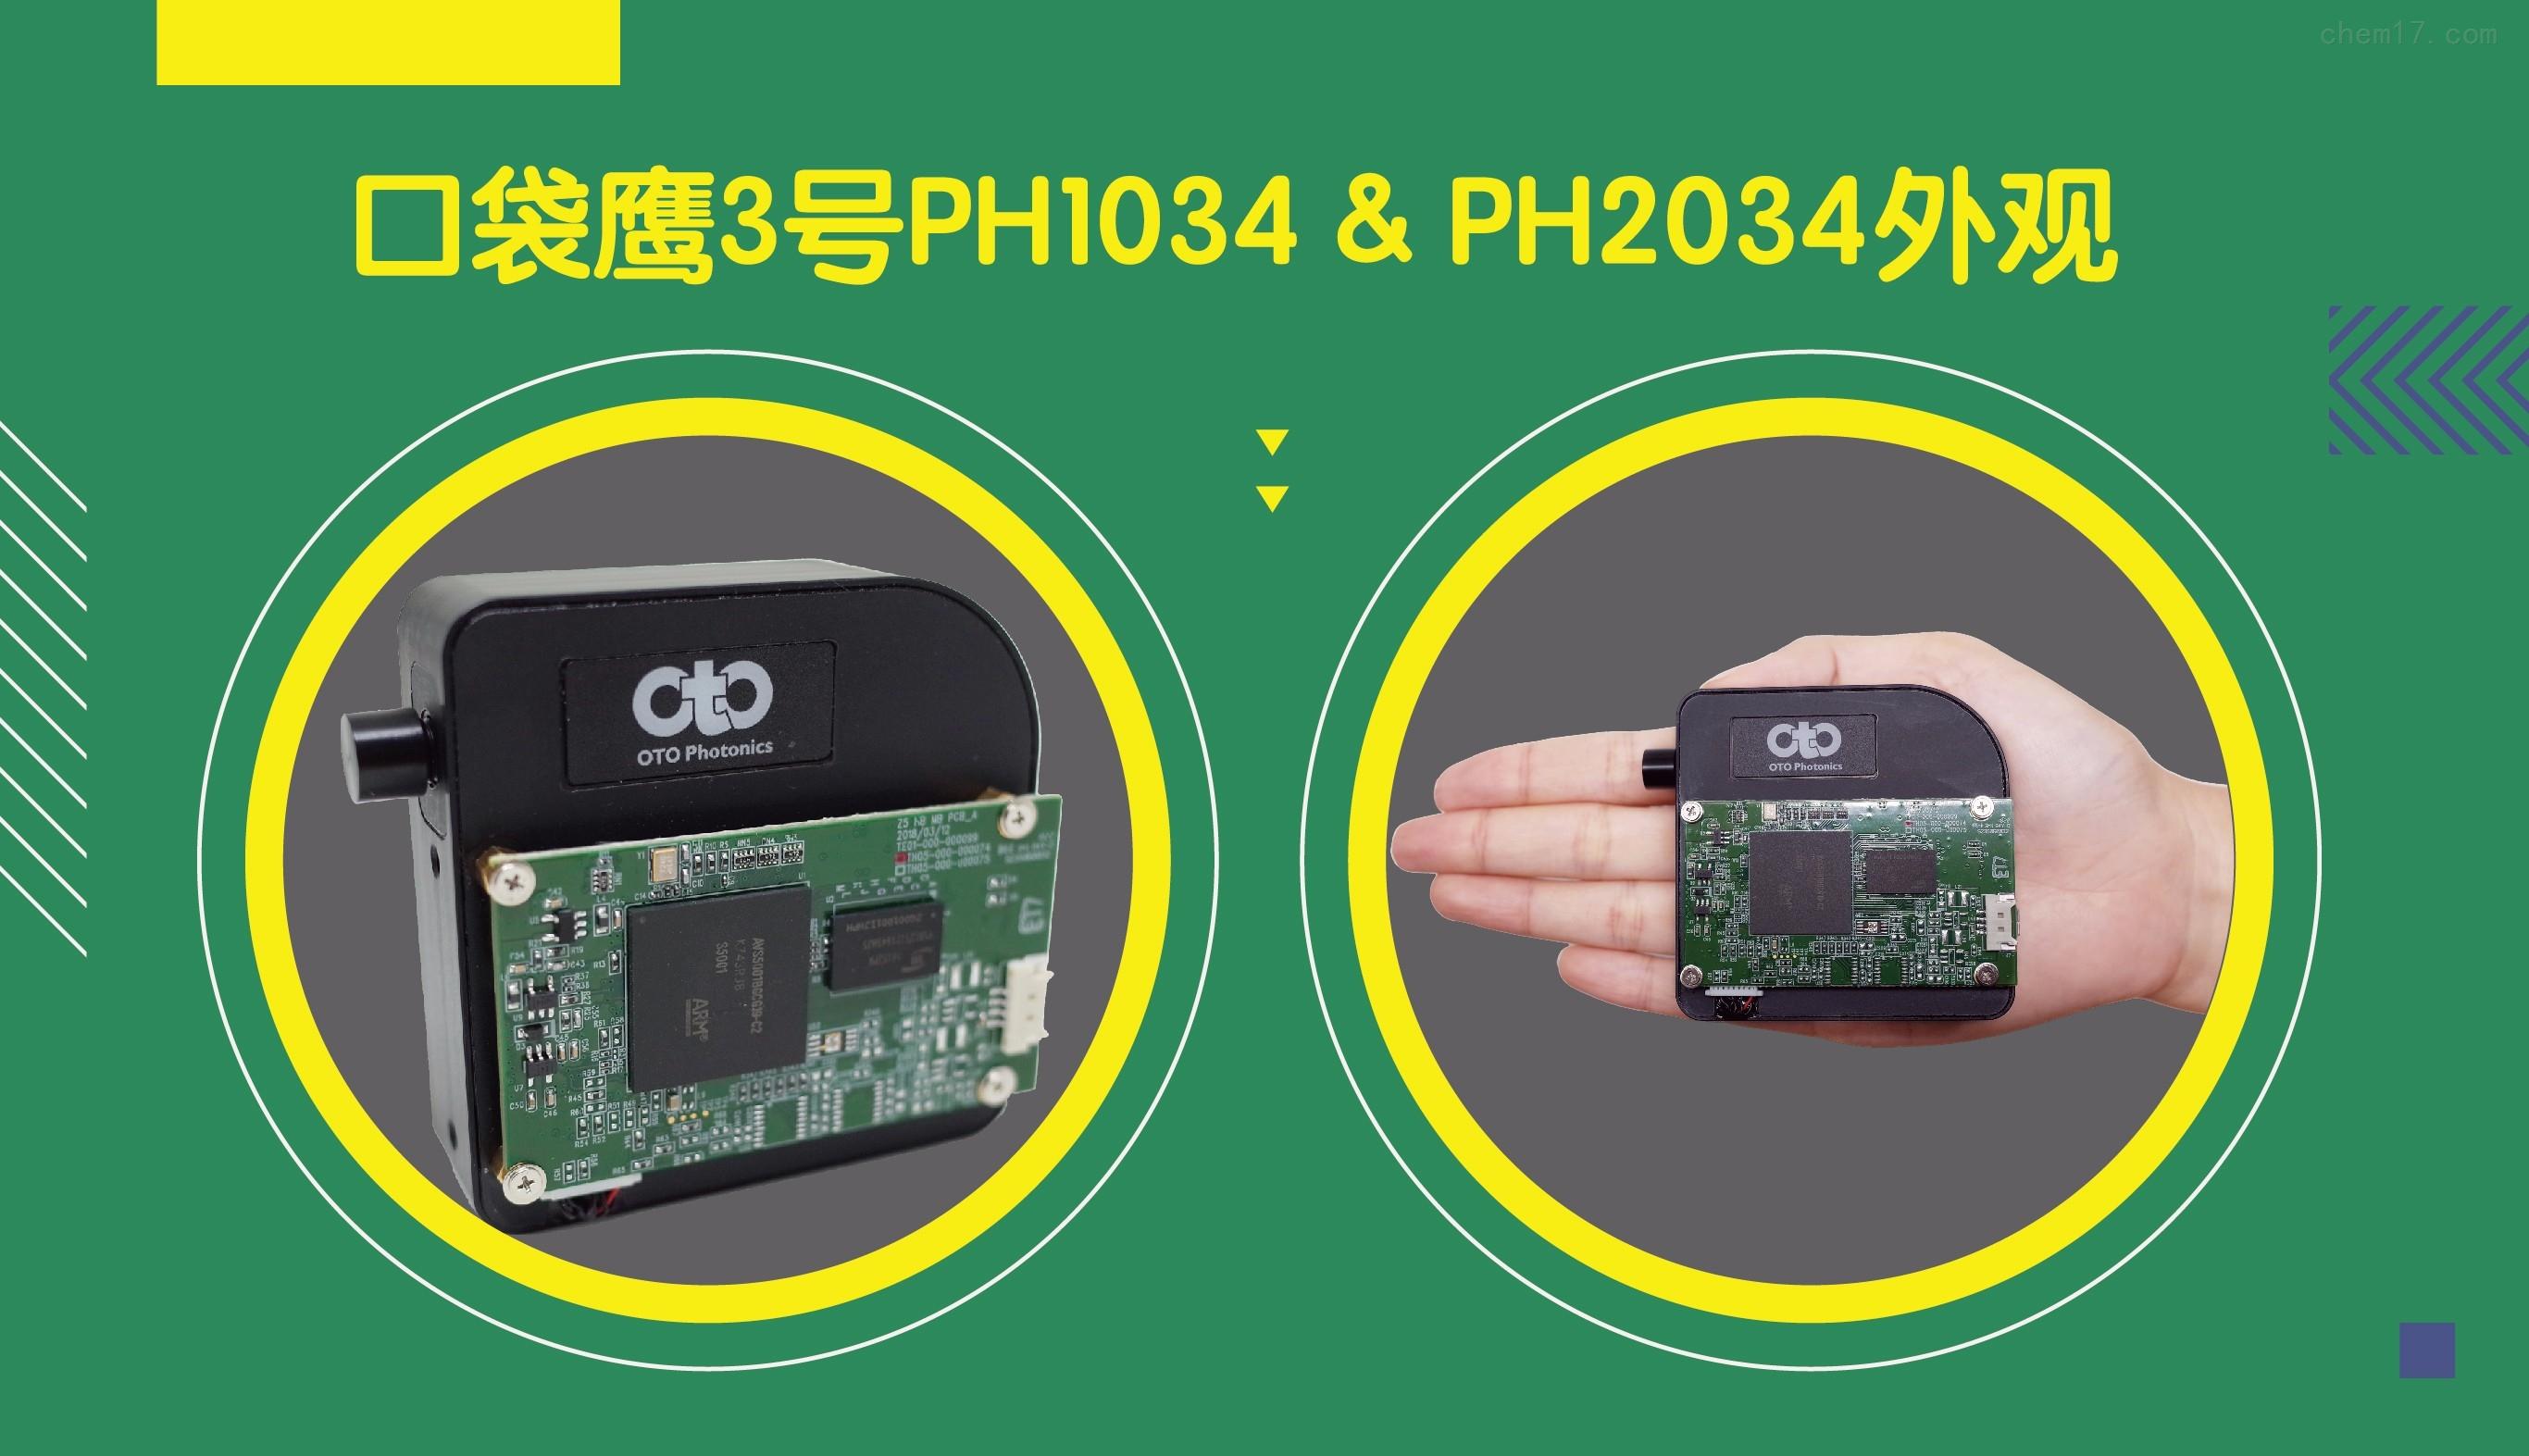 表格-SC-05.jpg